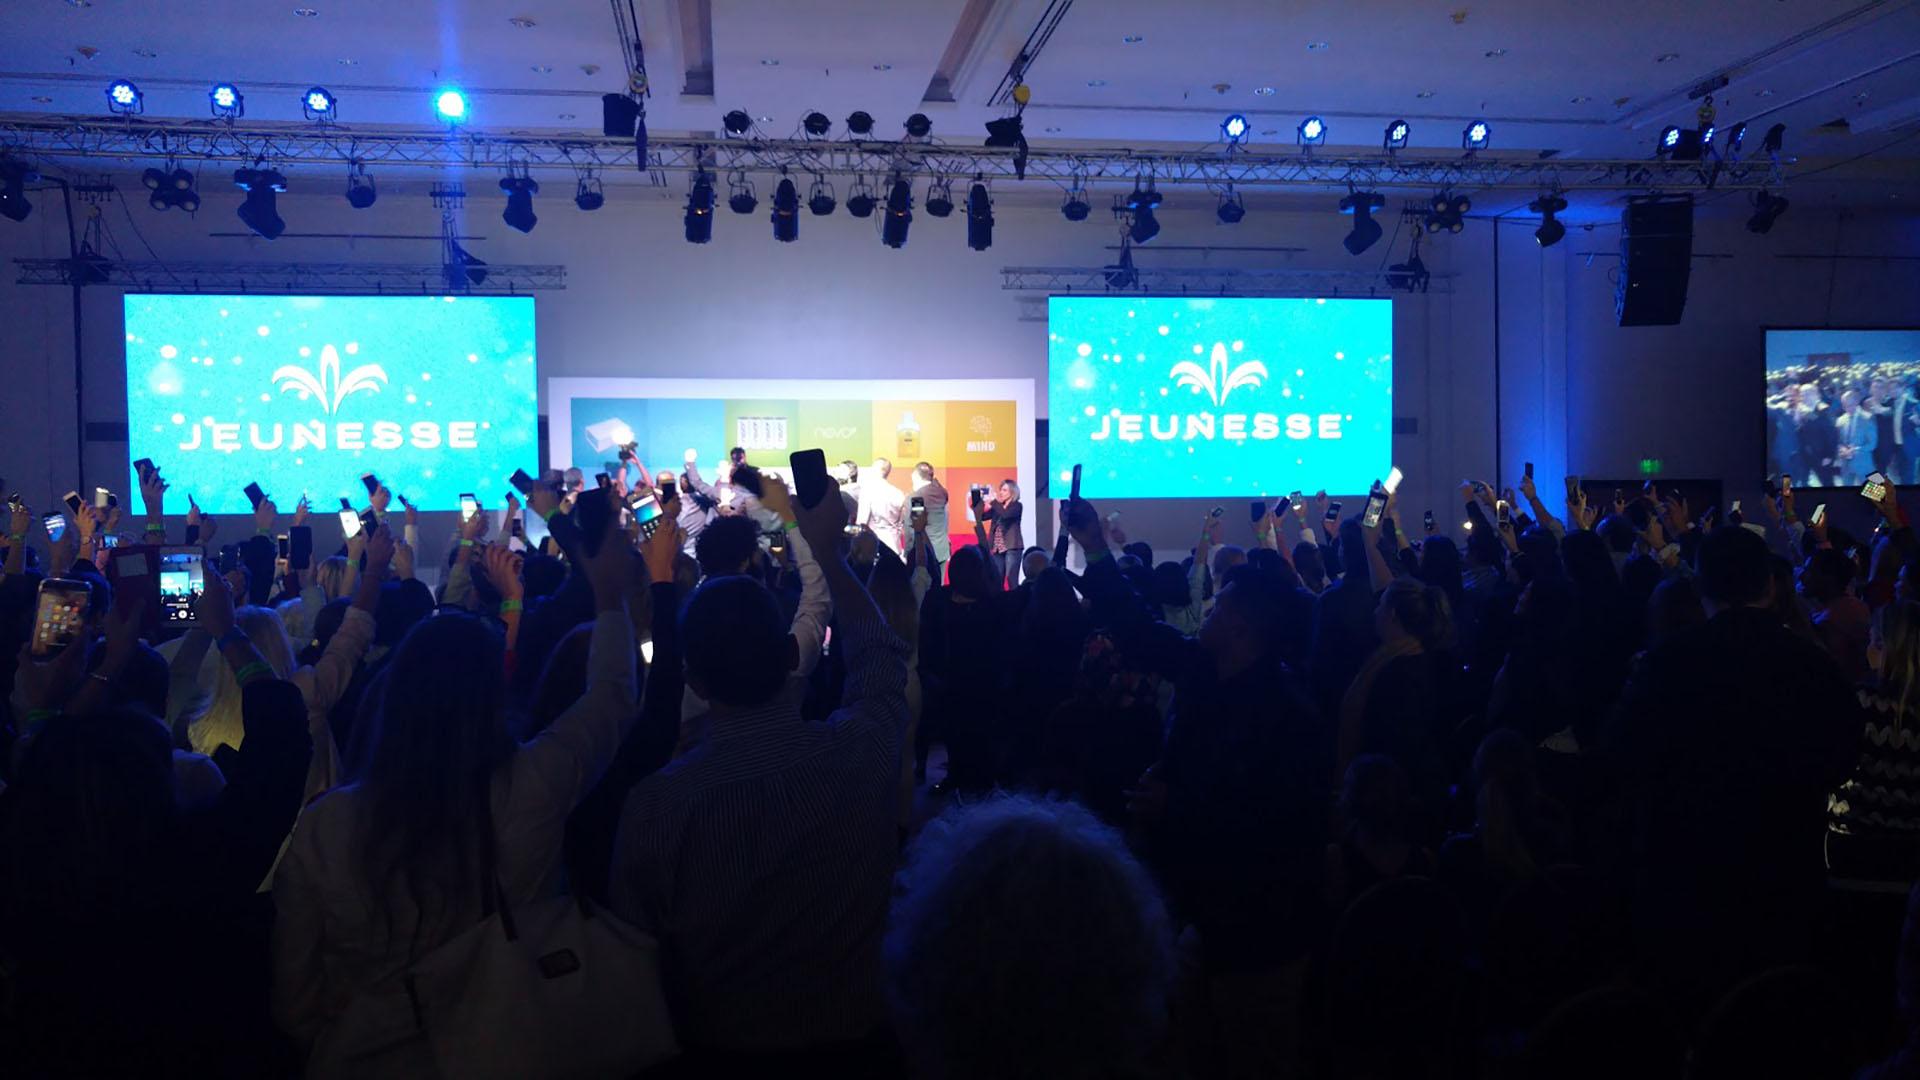 La presentación en Buenos Aires fue igual a las que hicieron en otros países como Chile.